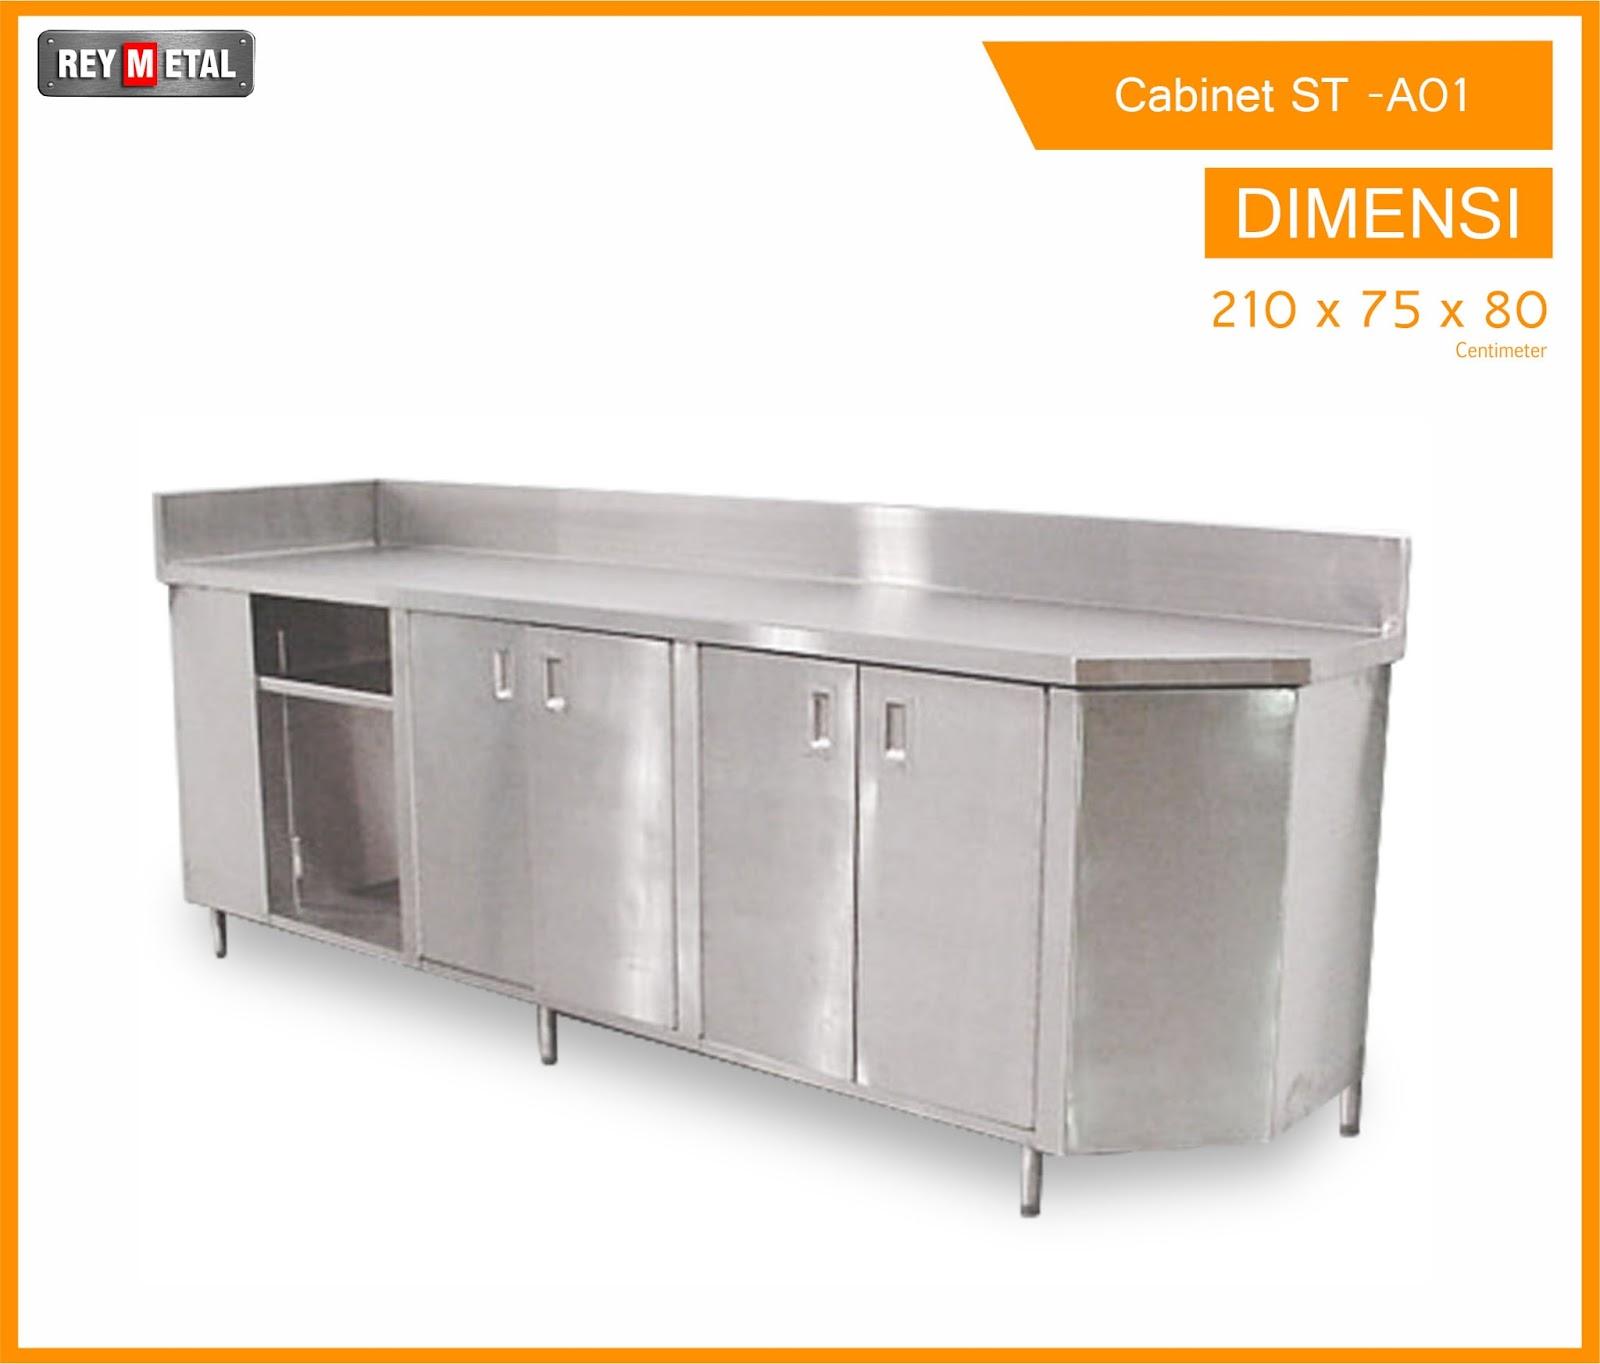 Reymetal com produsen kitchen set stainless no 1 indonesia for Jual kitchen set stainless steel